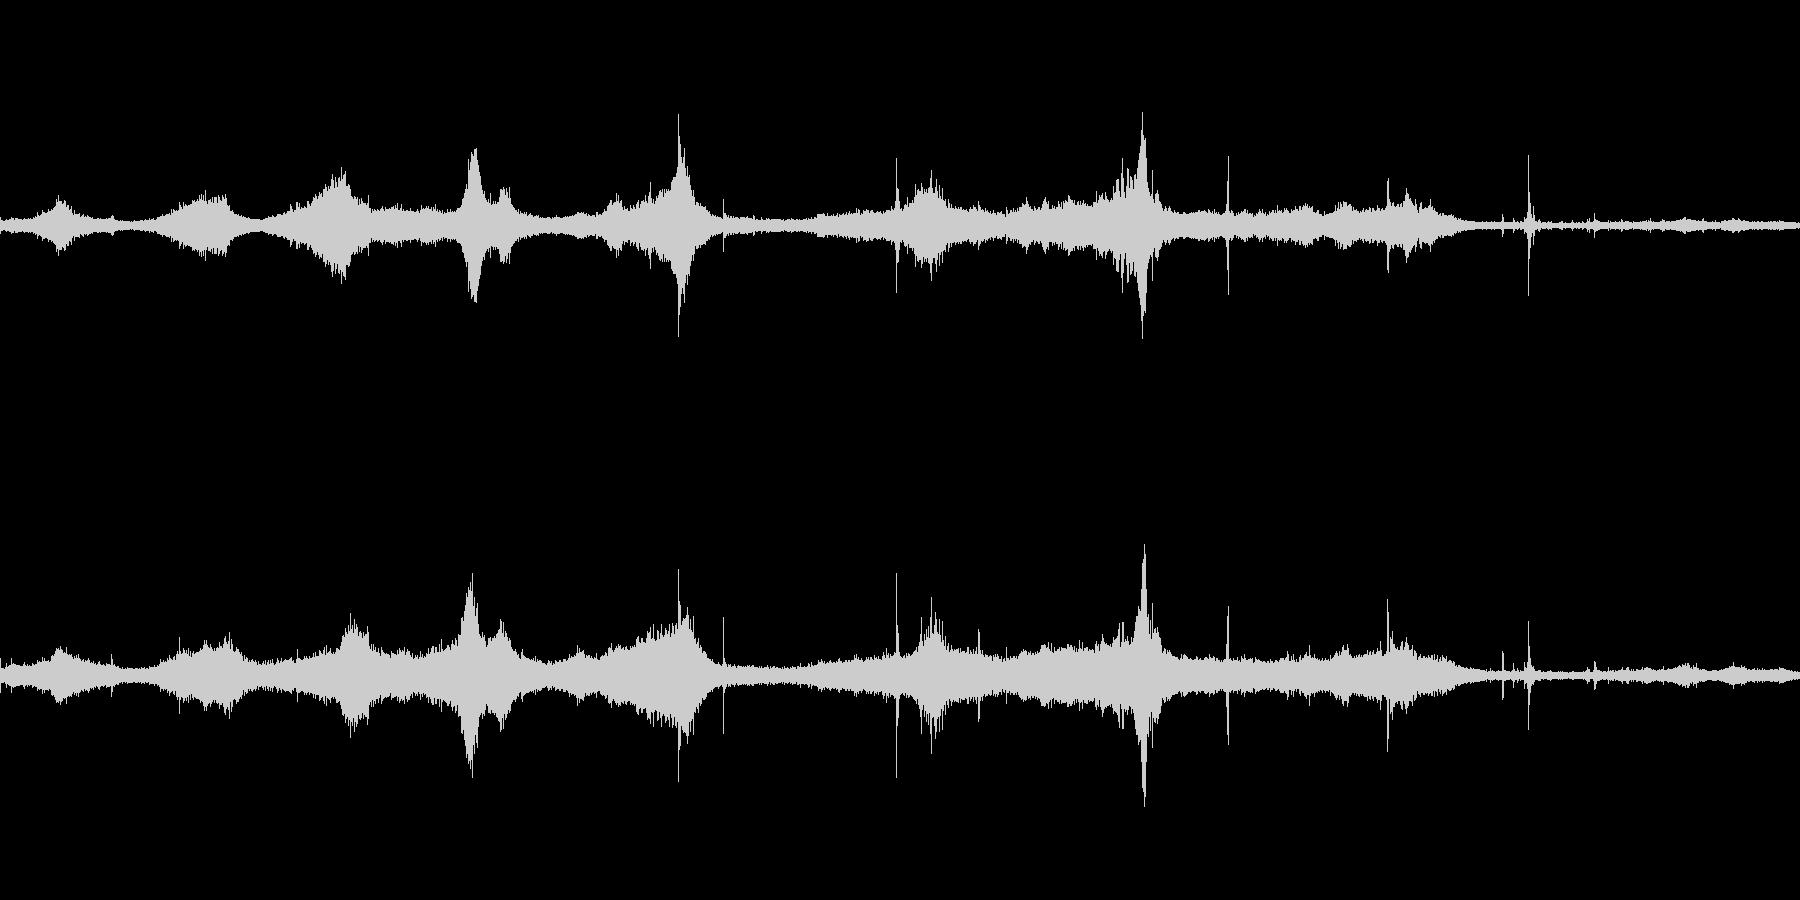 道路上の様々な音(Wav用に再編集)の未再生の波形